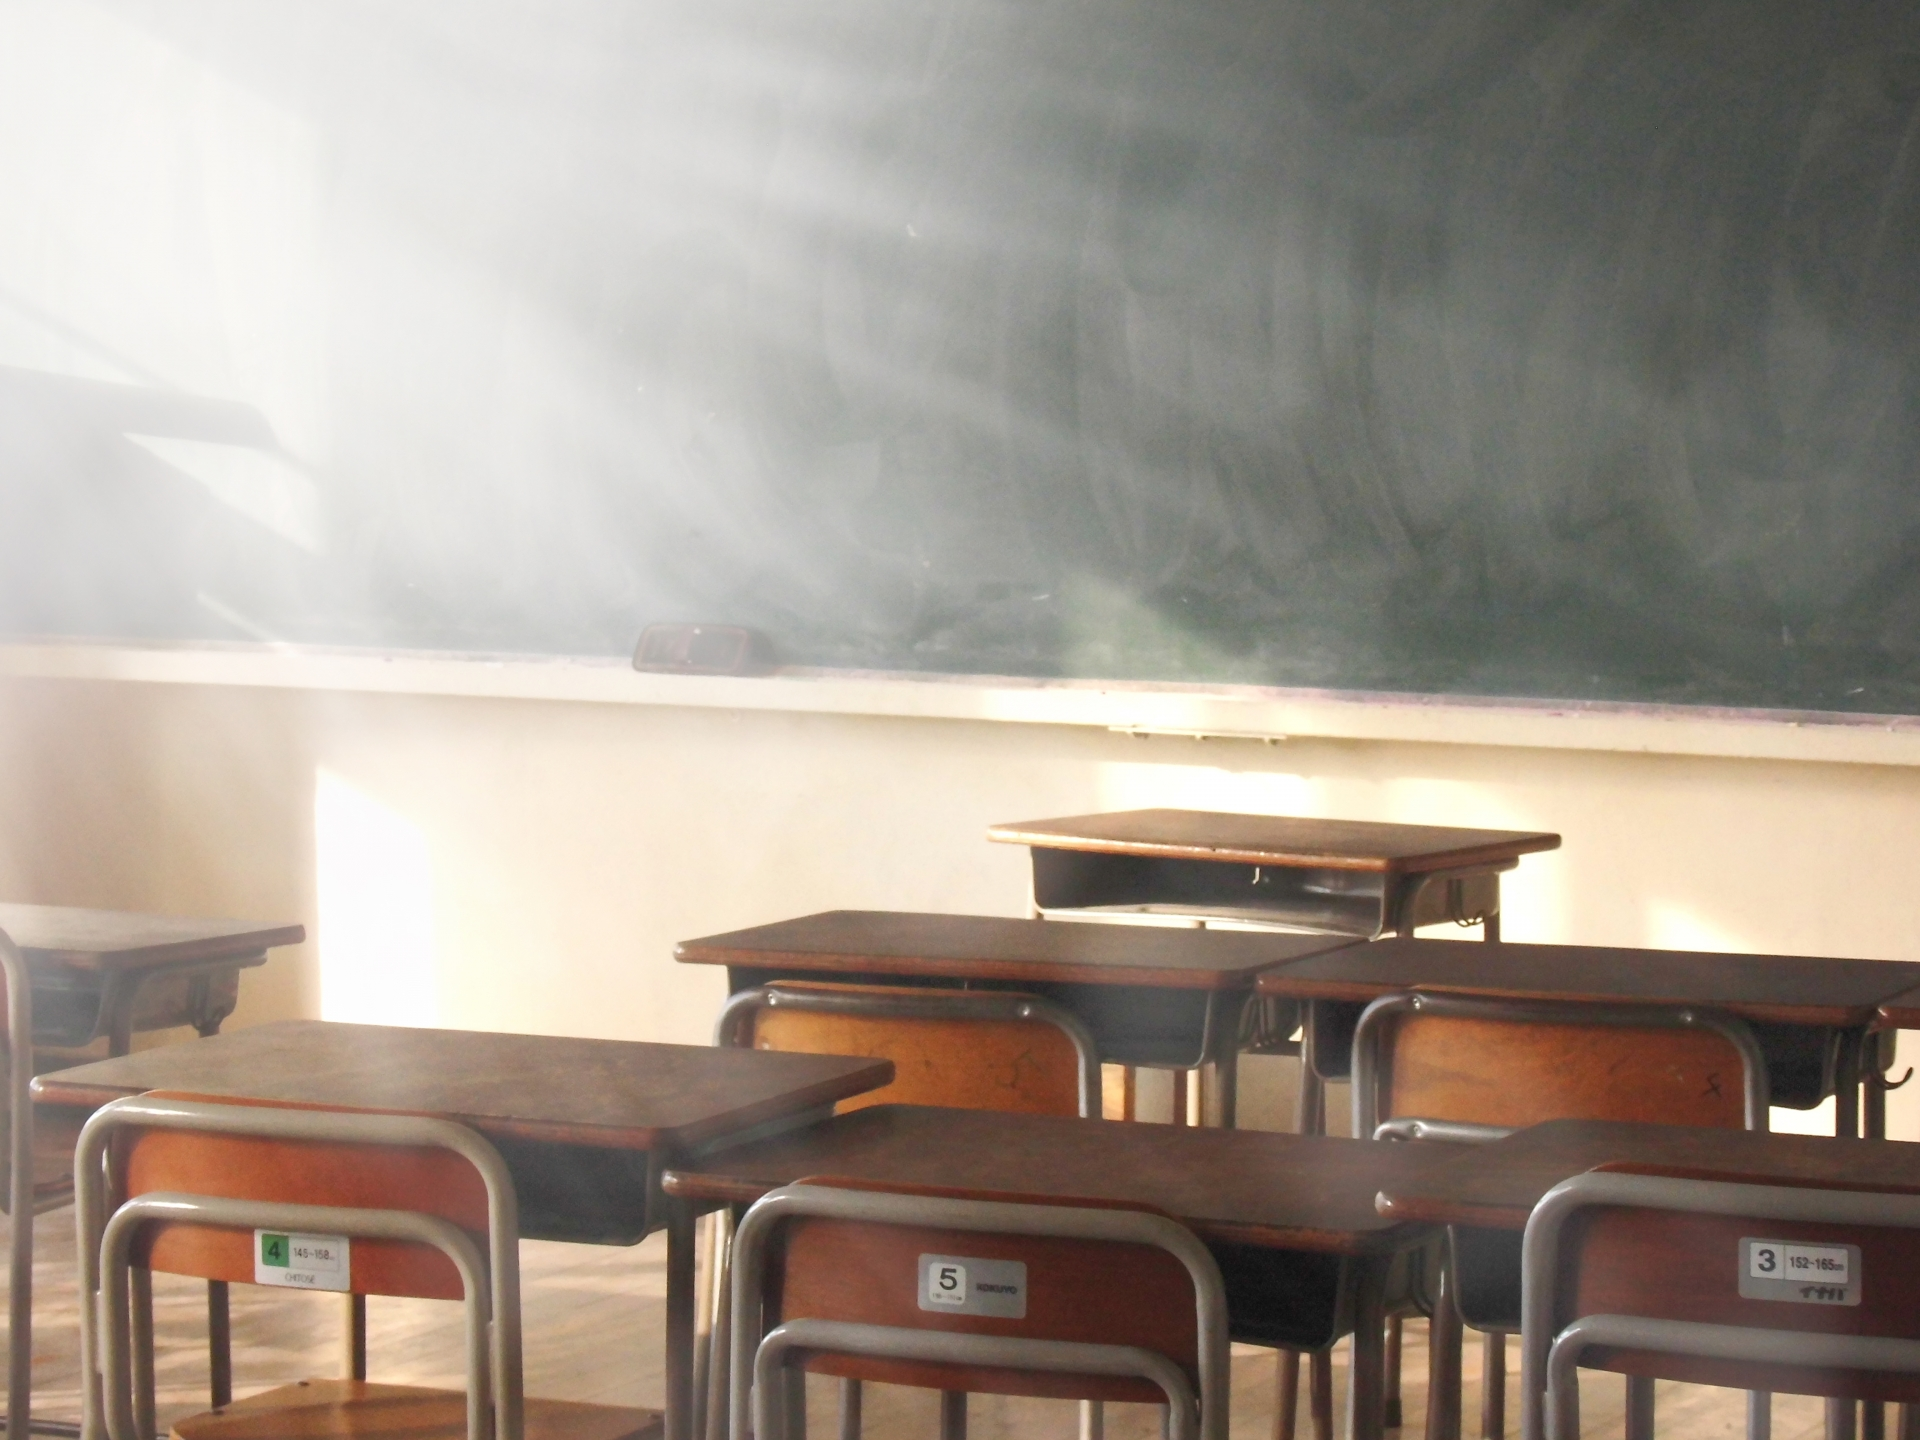 私立高校の学費の平均は?補助の受け方・無償化や払えない場合の対処法を紹介!